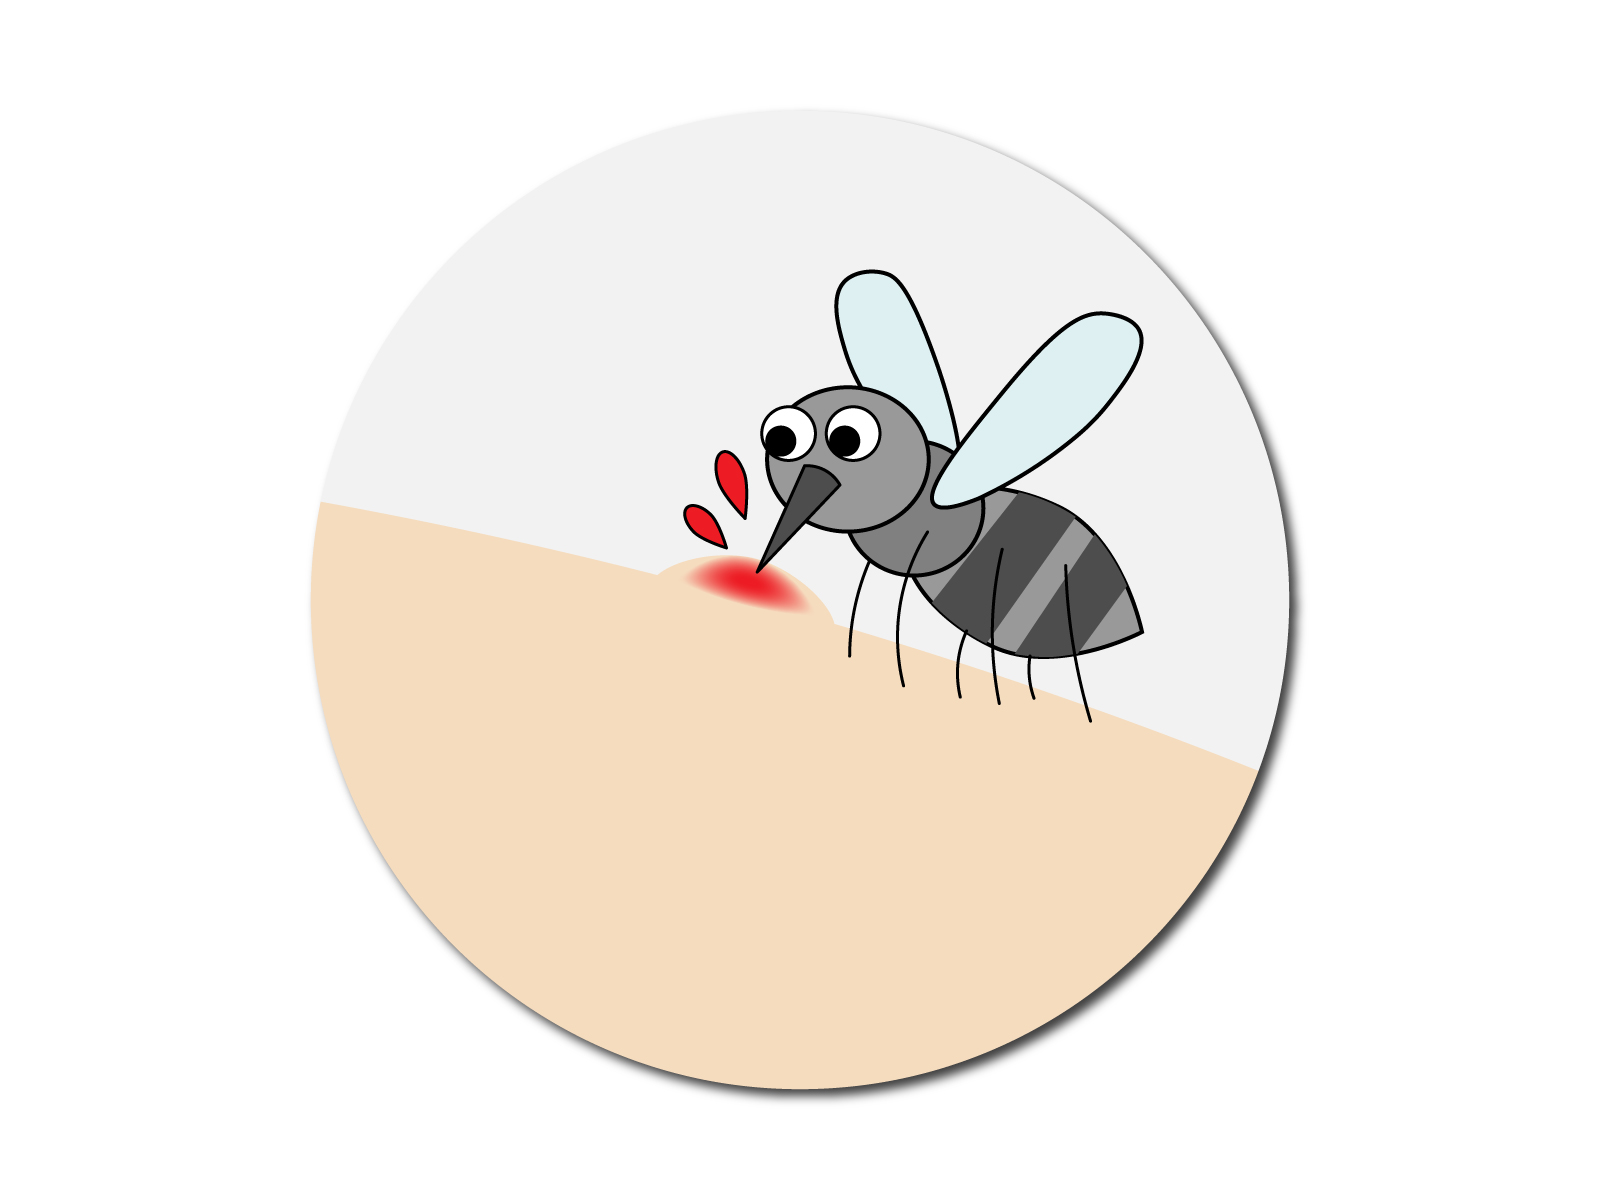 を 蚊 吸う 理由 血